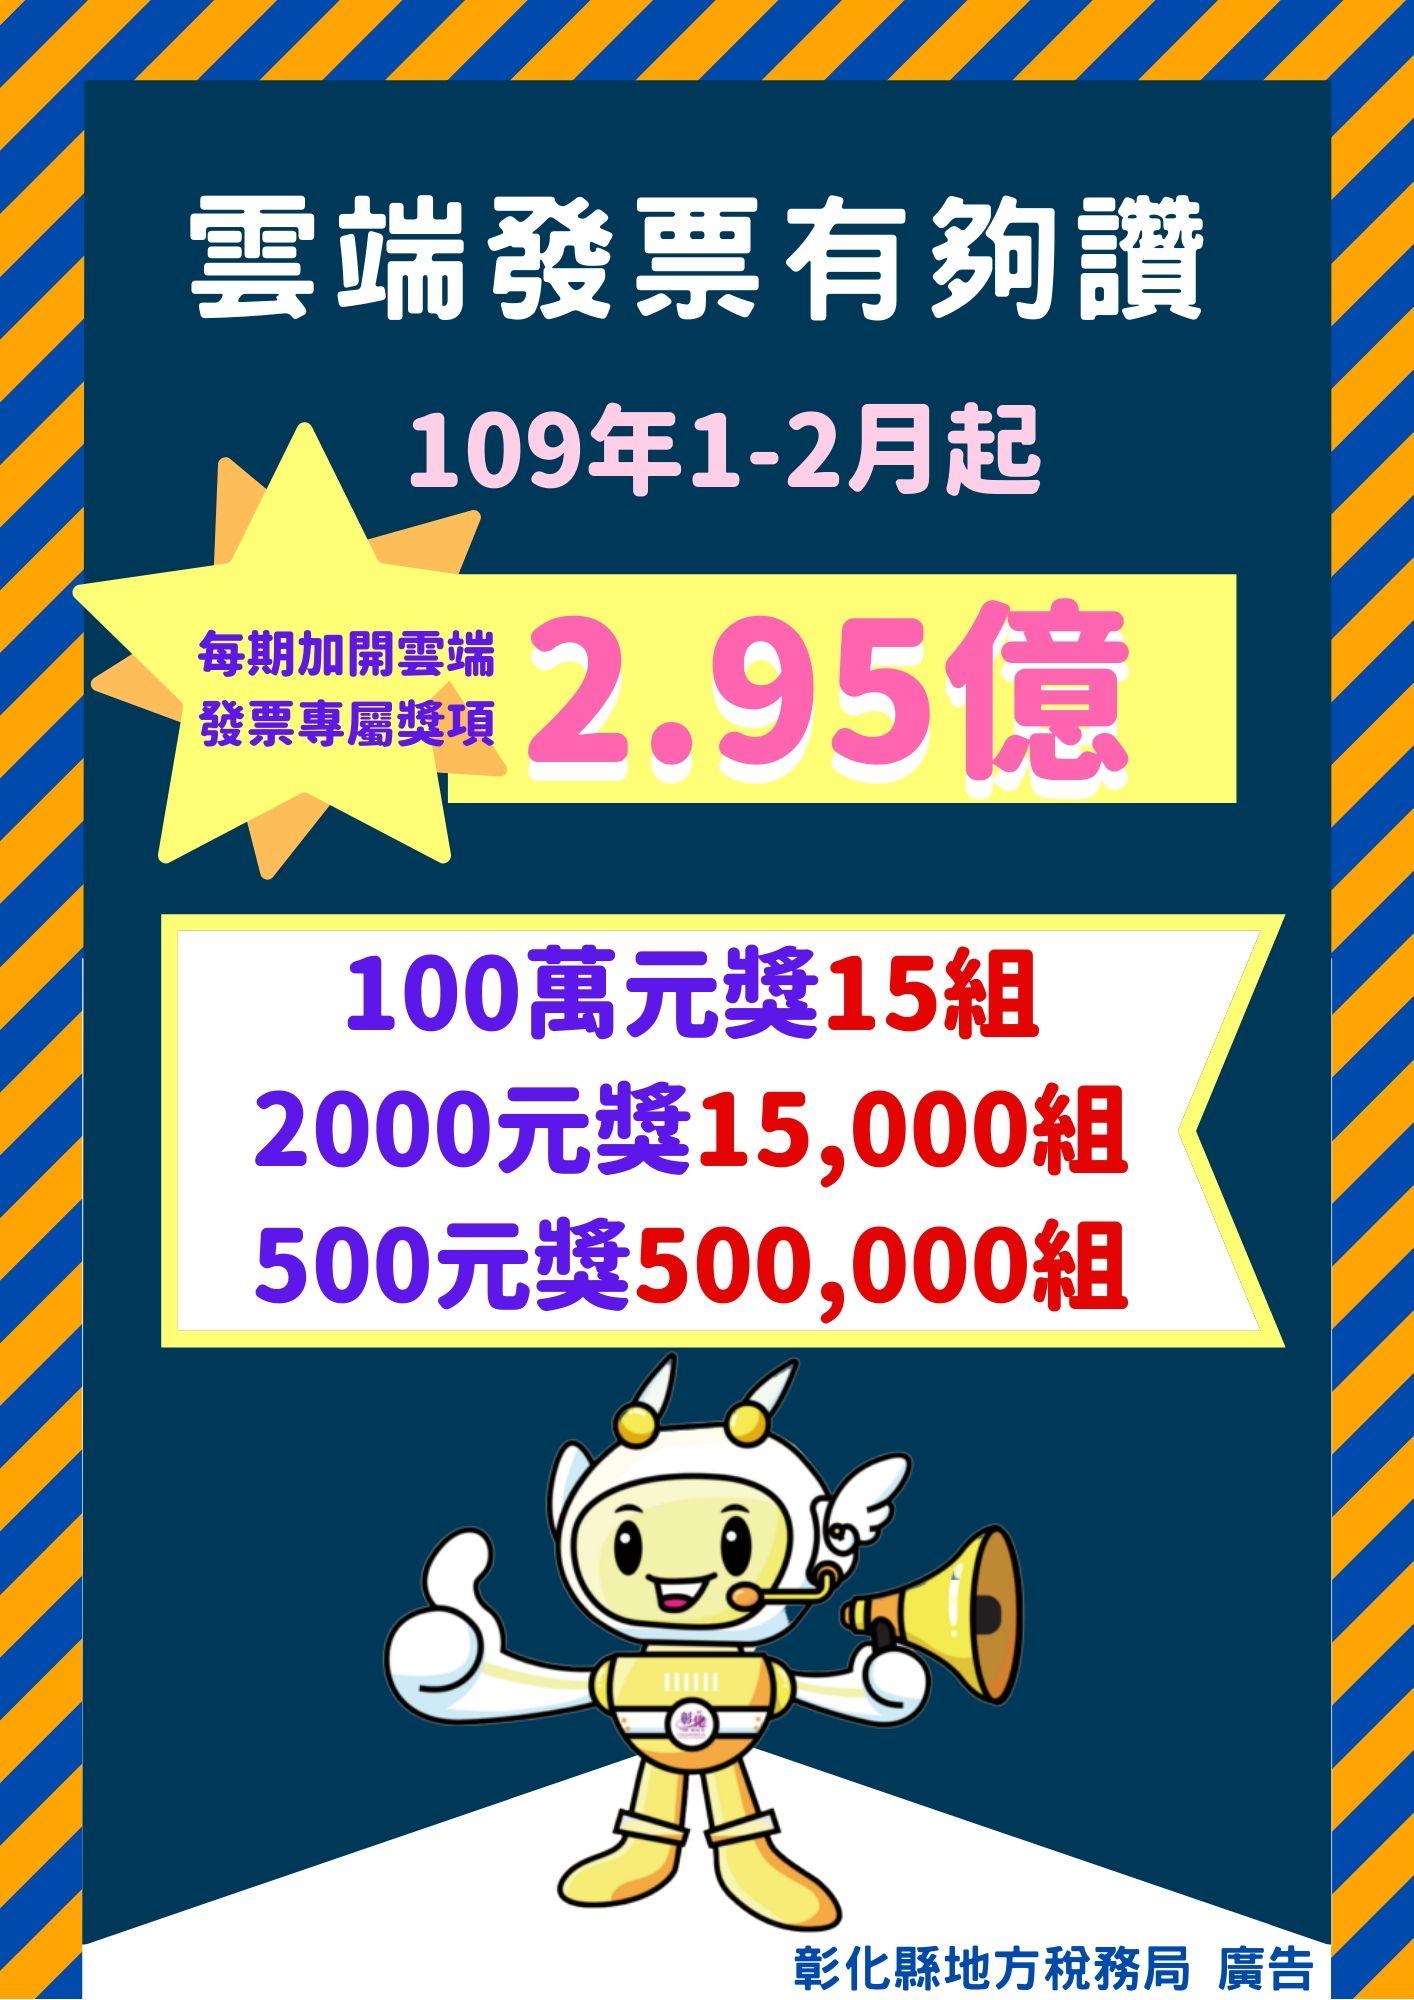 雲端發票500元專屬獎 加碼增至50萬組